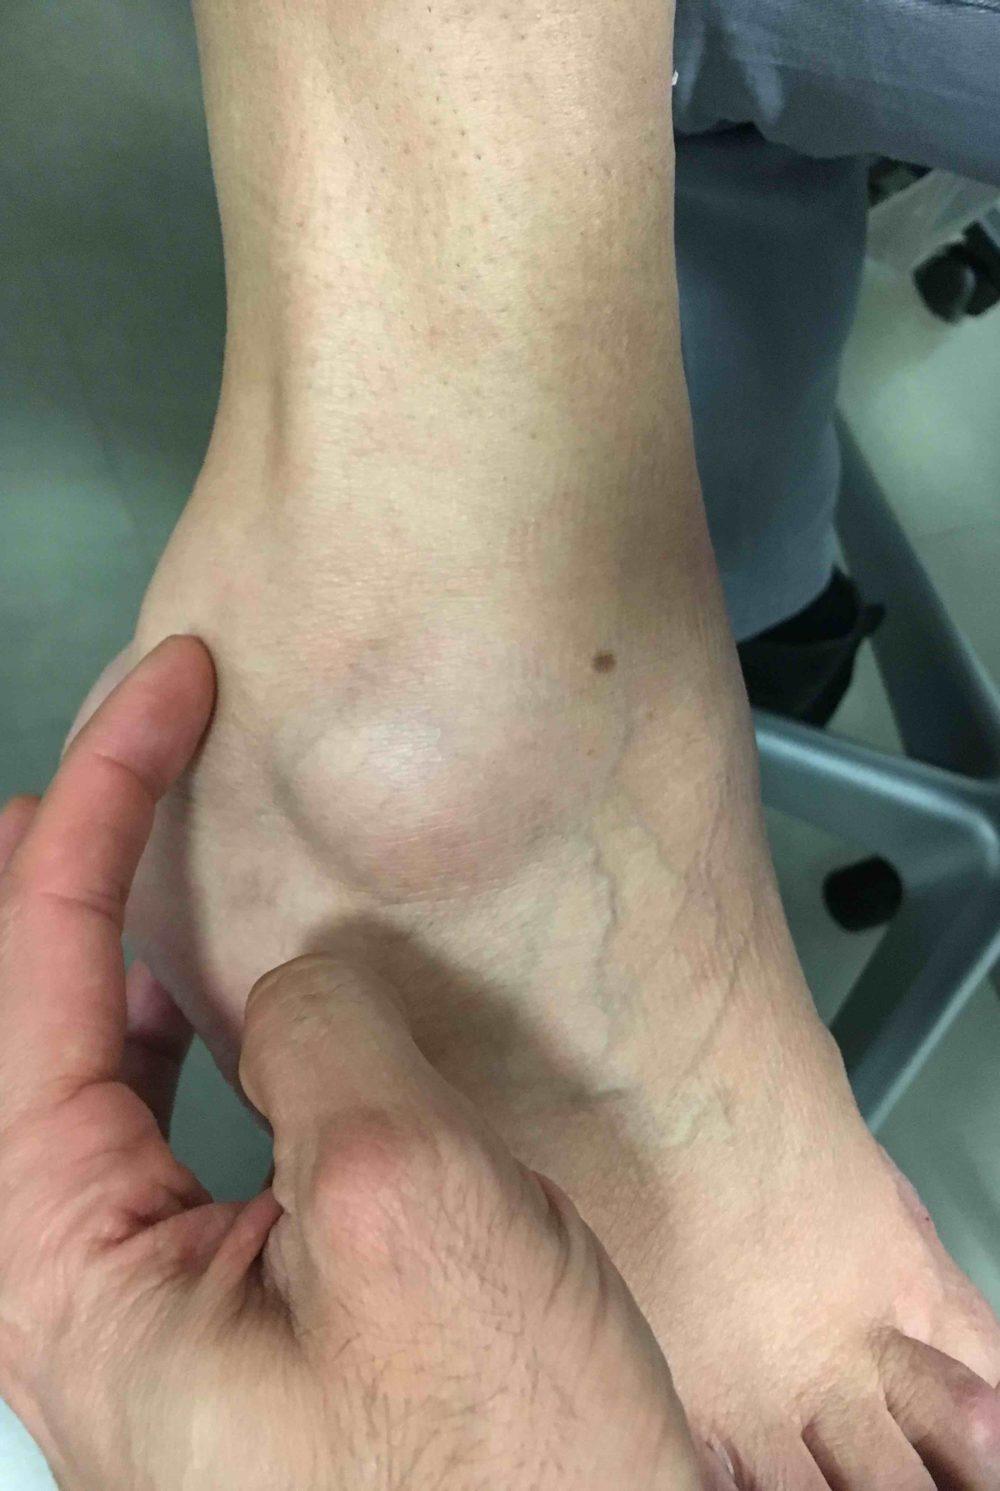 Tendinitis o Tenosinovitis de los peroneos. Dolor cara lateral tobillo